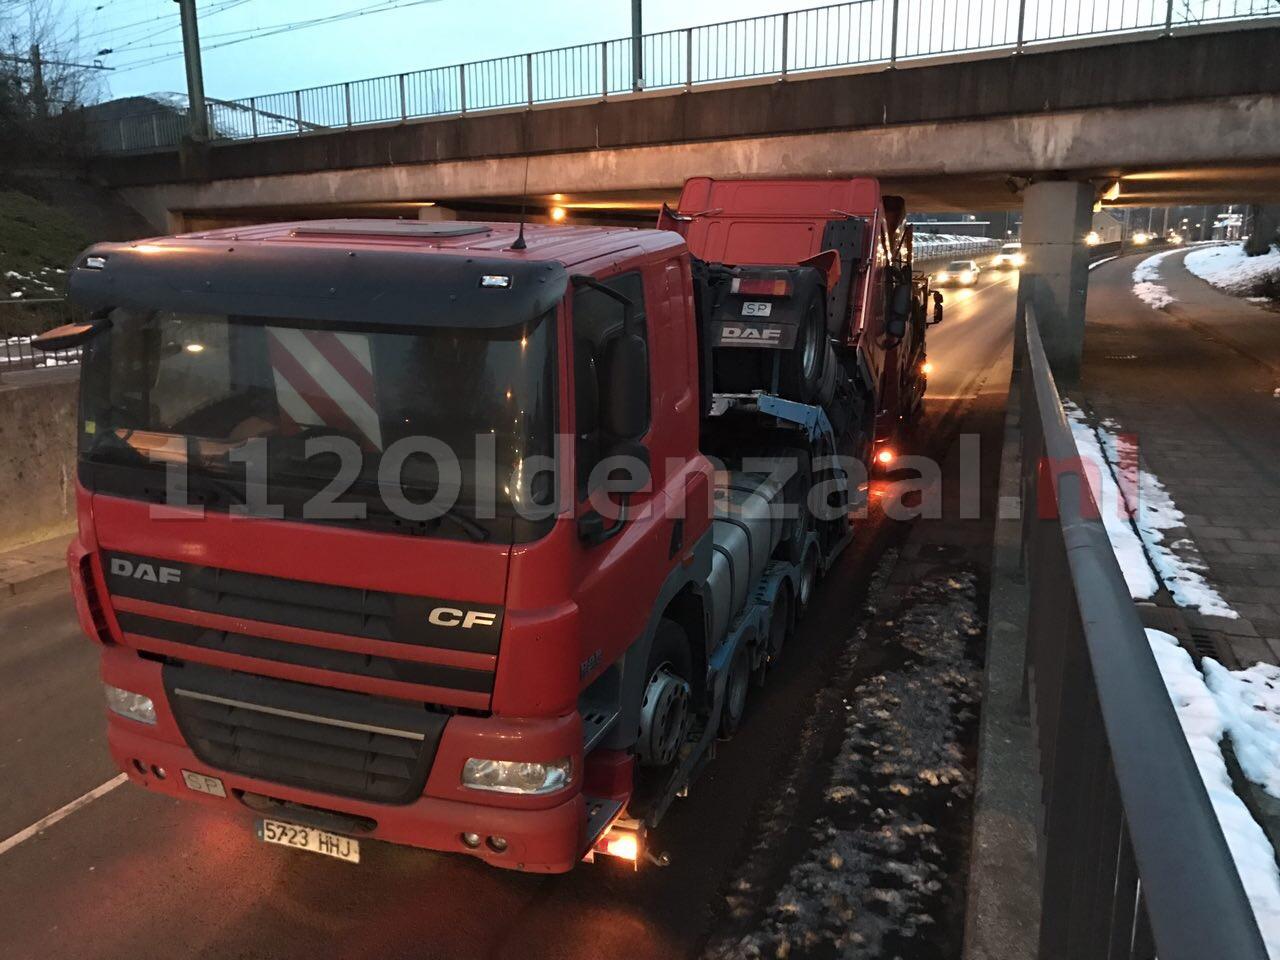 Foto: Te hoge vrachtwagencombinatie zorgt voor korte opstopping in Oldenzaal